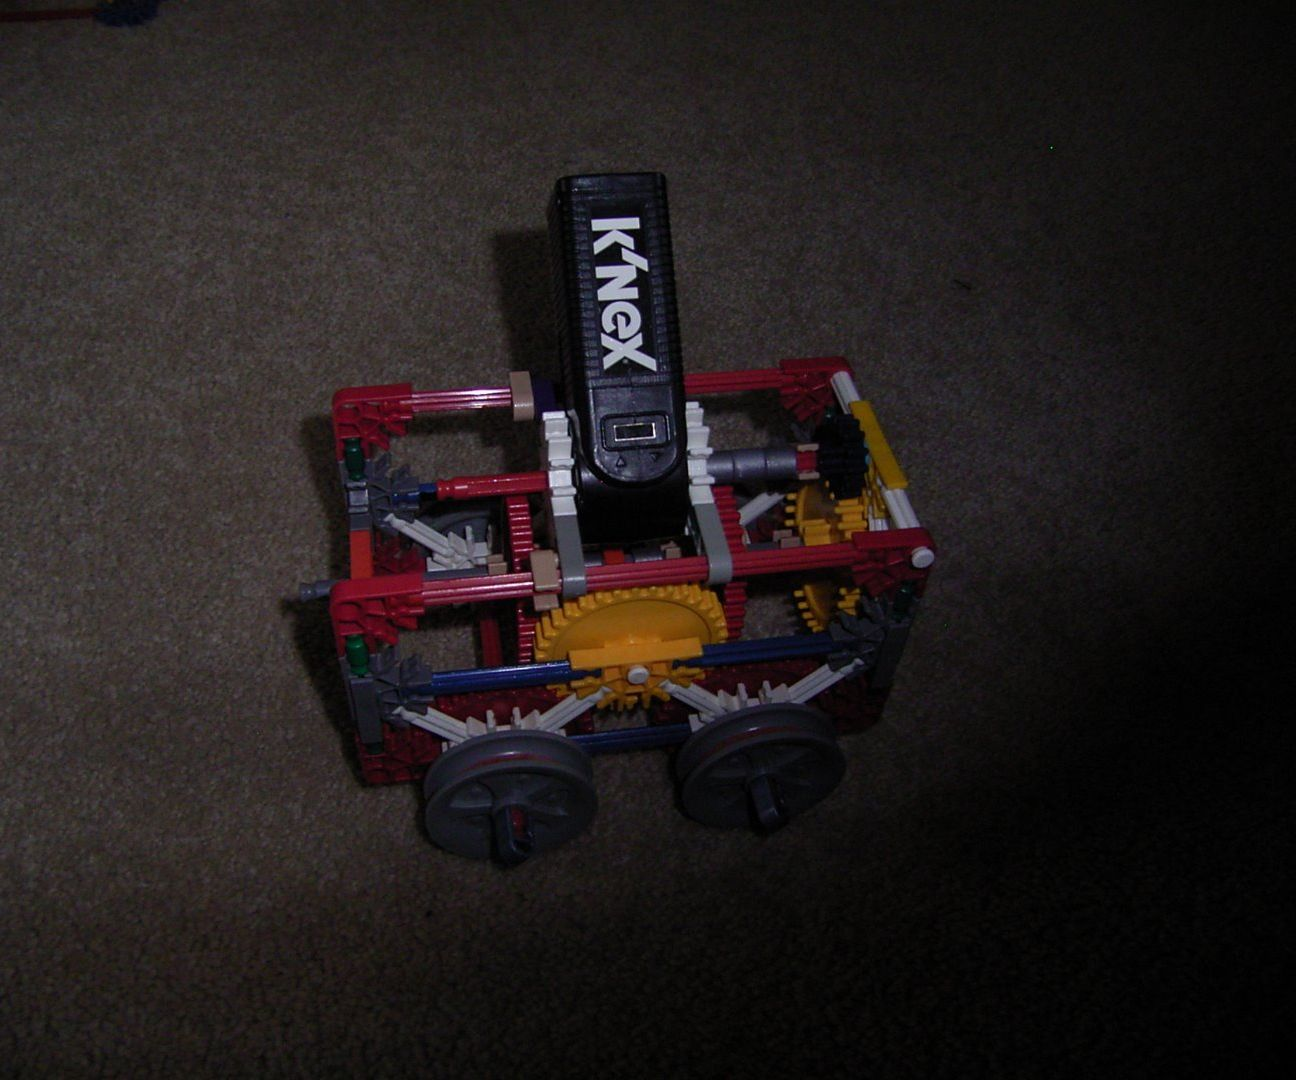 Knex Bi-Directional Cart